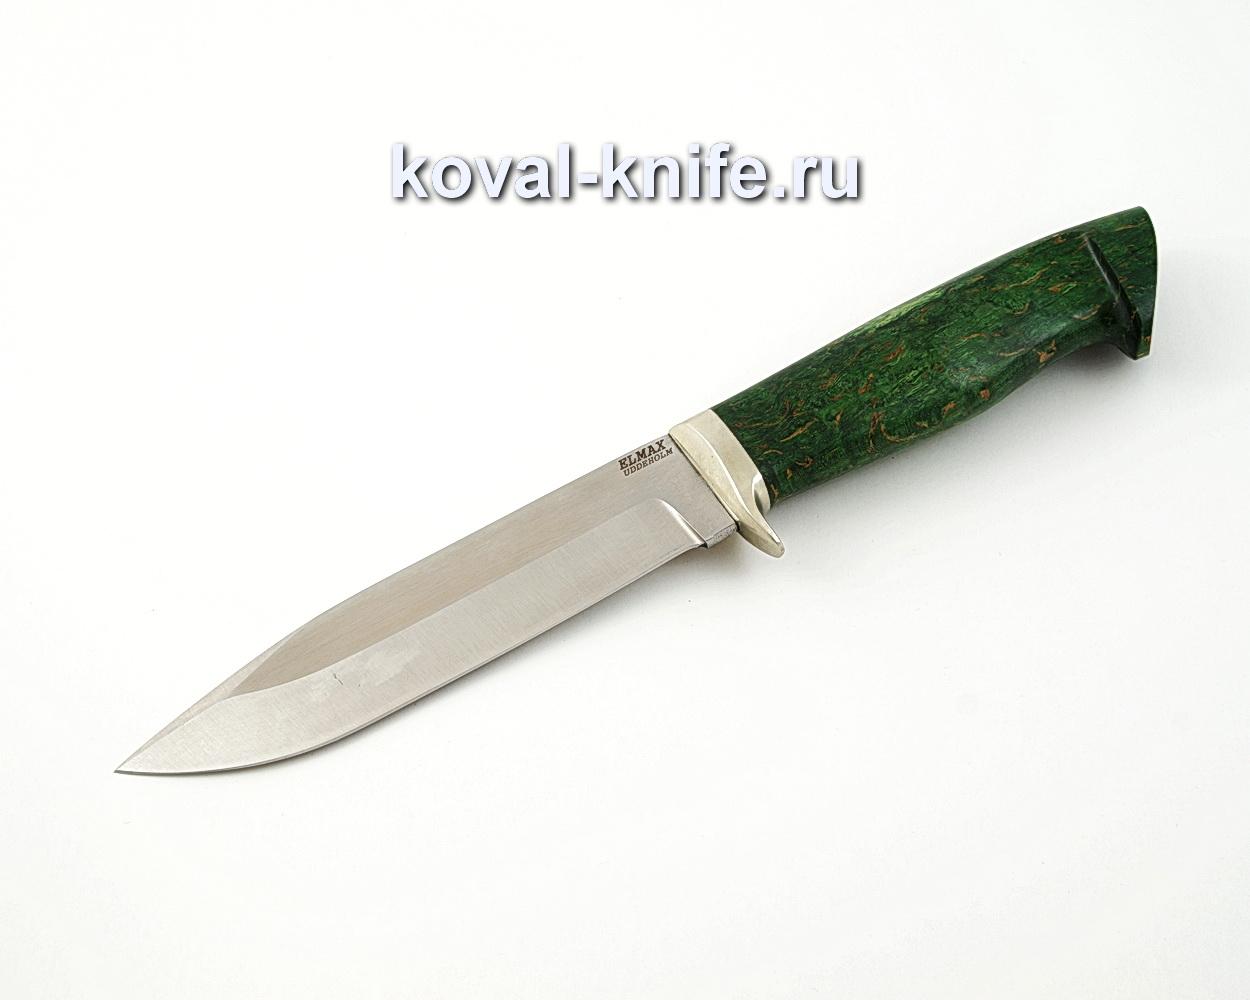 Нож Олимп из порошковой стали Elmax с рукоятью из стабилизированной карельской березы, гарда мельхиор A558